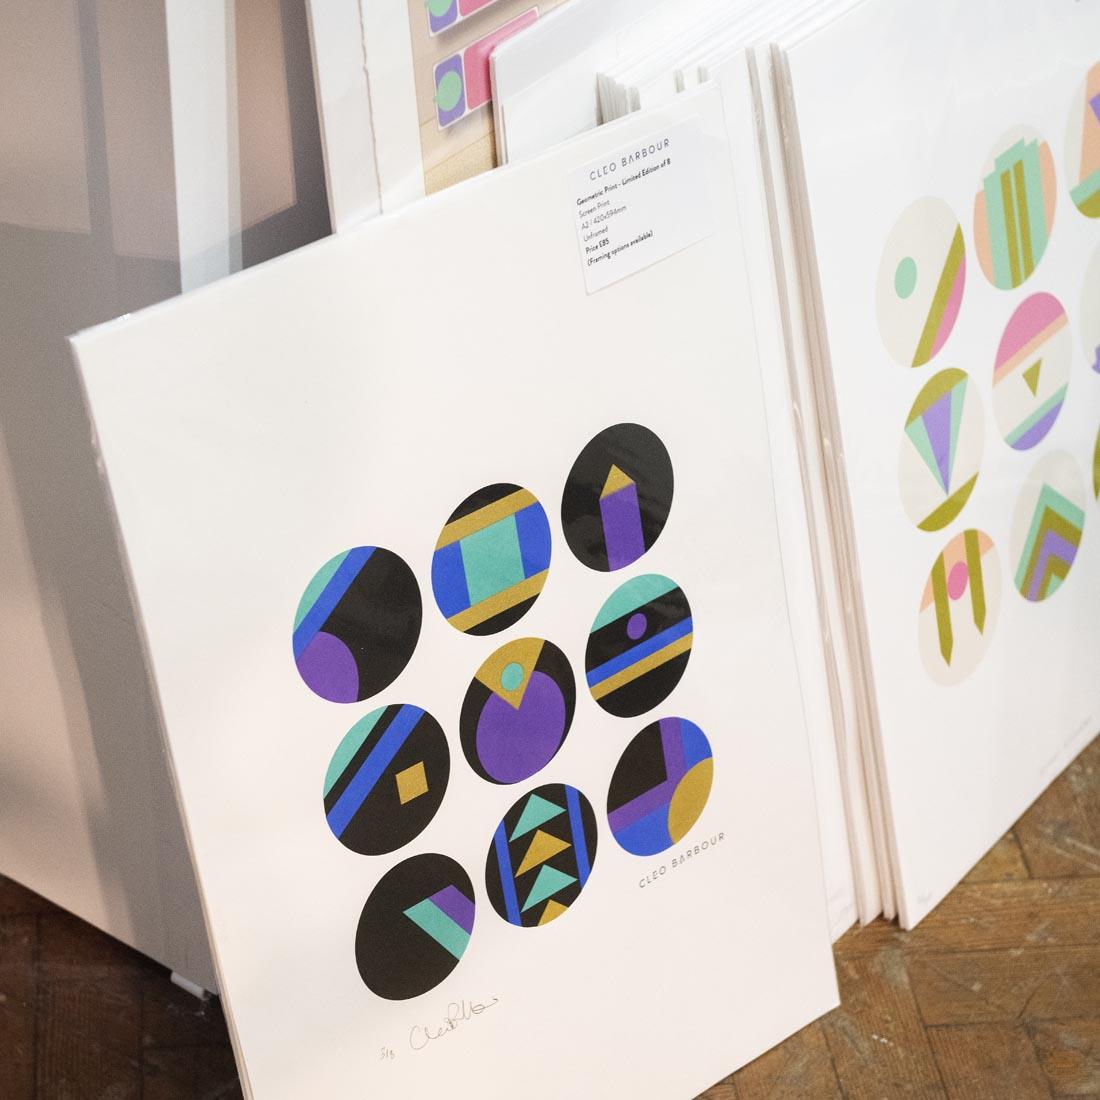 art-deco-artwork-other-art-fair